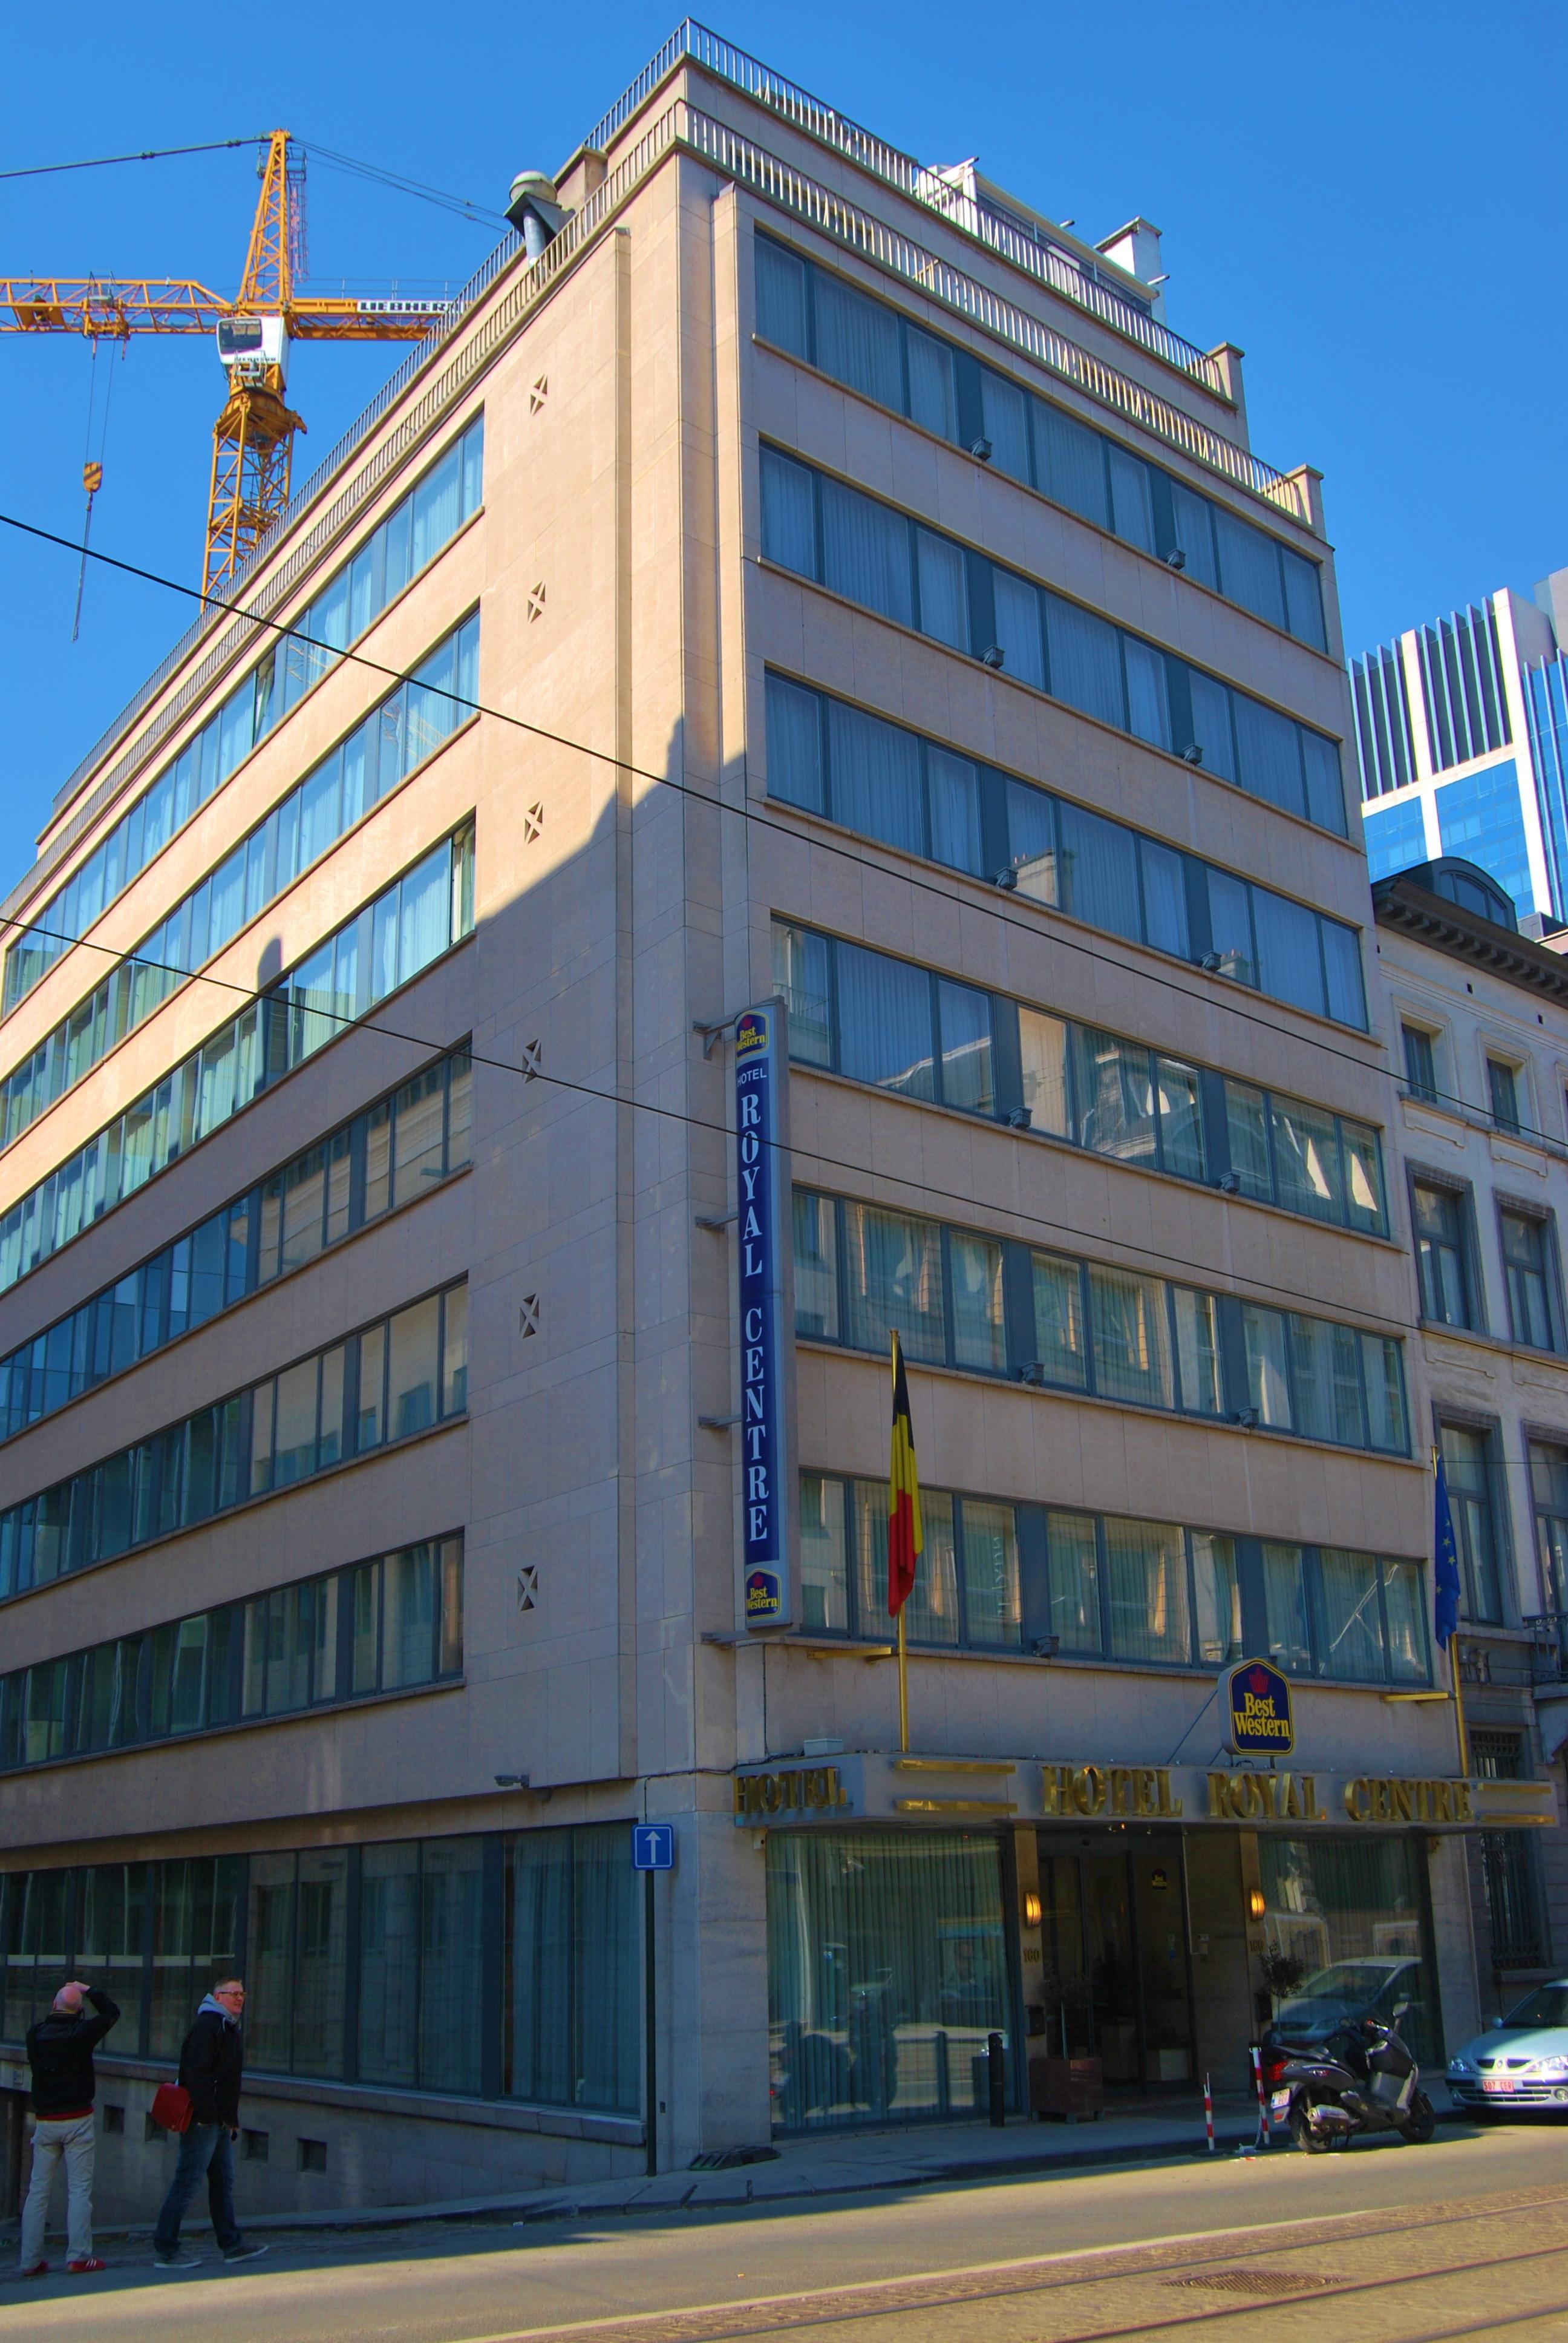 Best western hotel royal centre (brussel, belgië)   hotel ...